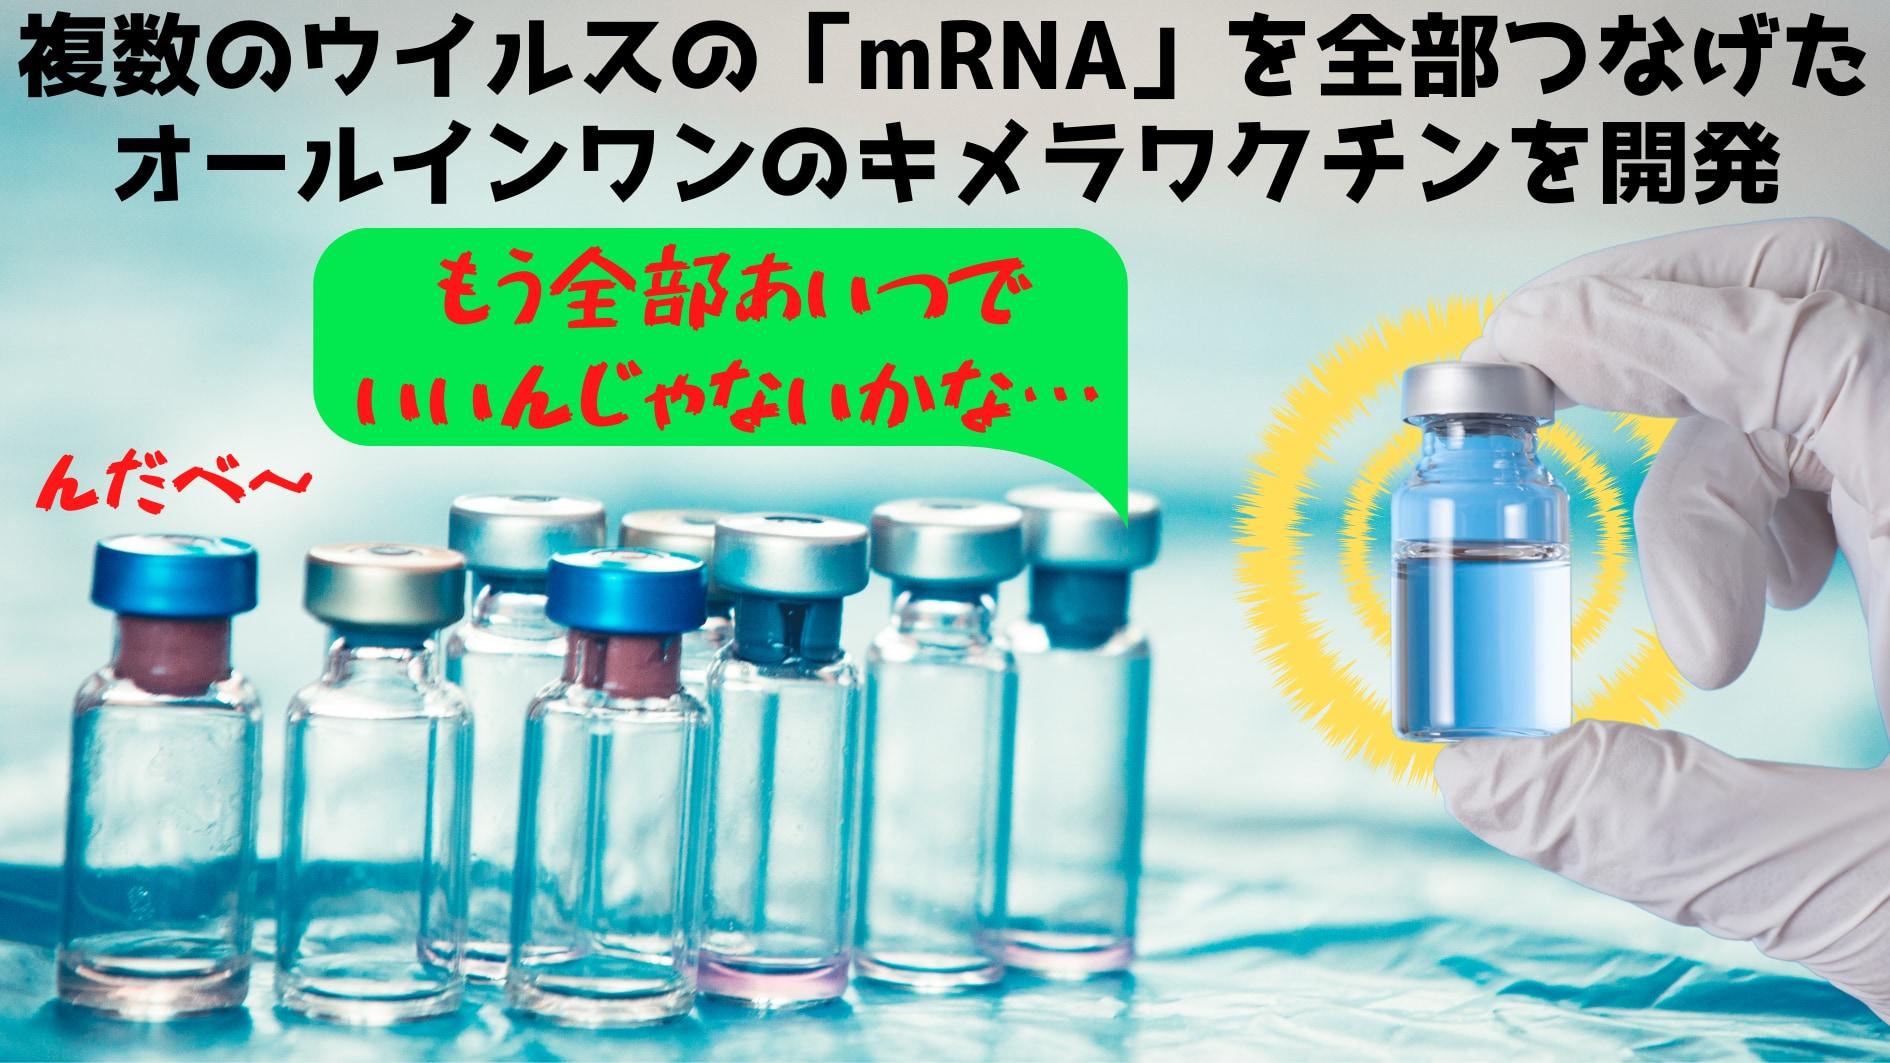 メガ盛り「キメラワクチン」が複数のコロナウイルスに有効と判明! 現代と未来のパンデミックを同時に予防可能